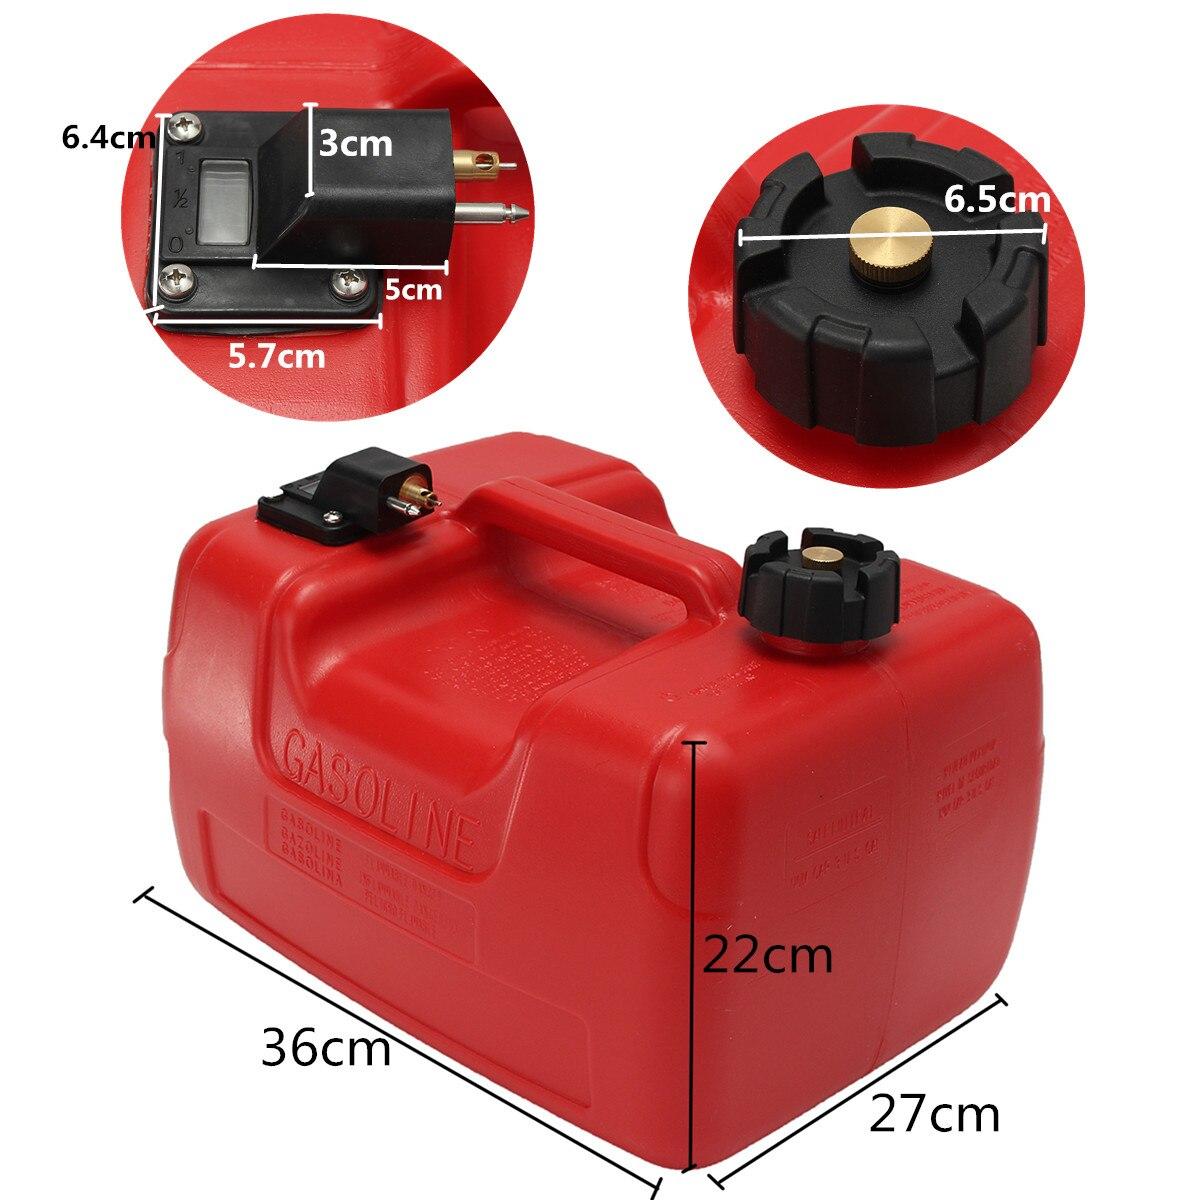 Boîte à huile extérieure Marine de réservoir de carburant de moteur de Yacht de bateau de 12L Portable avec le plastique rouge de connecteur Anti-statique résistant à la Corrosion - 2